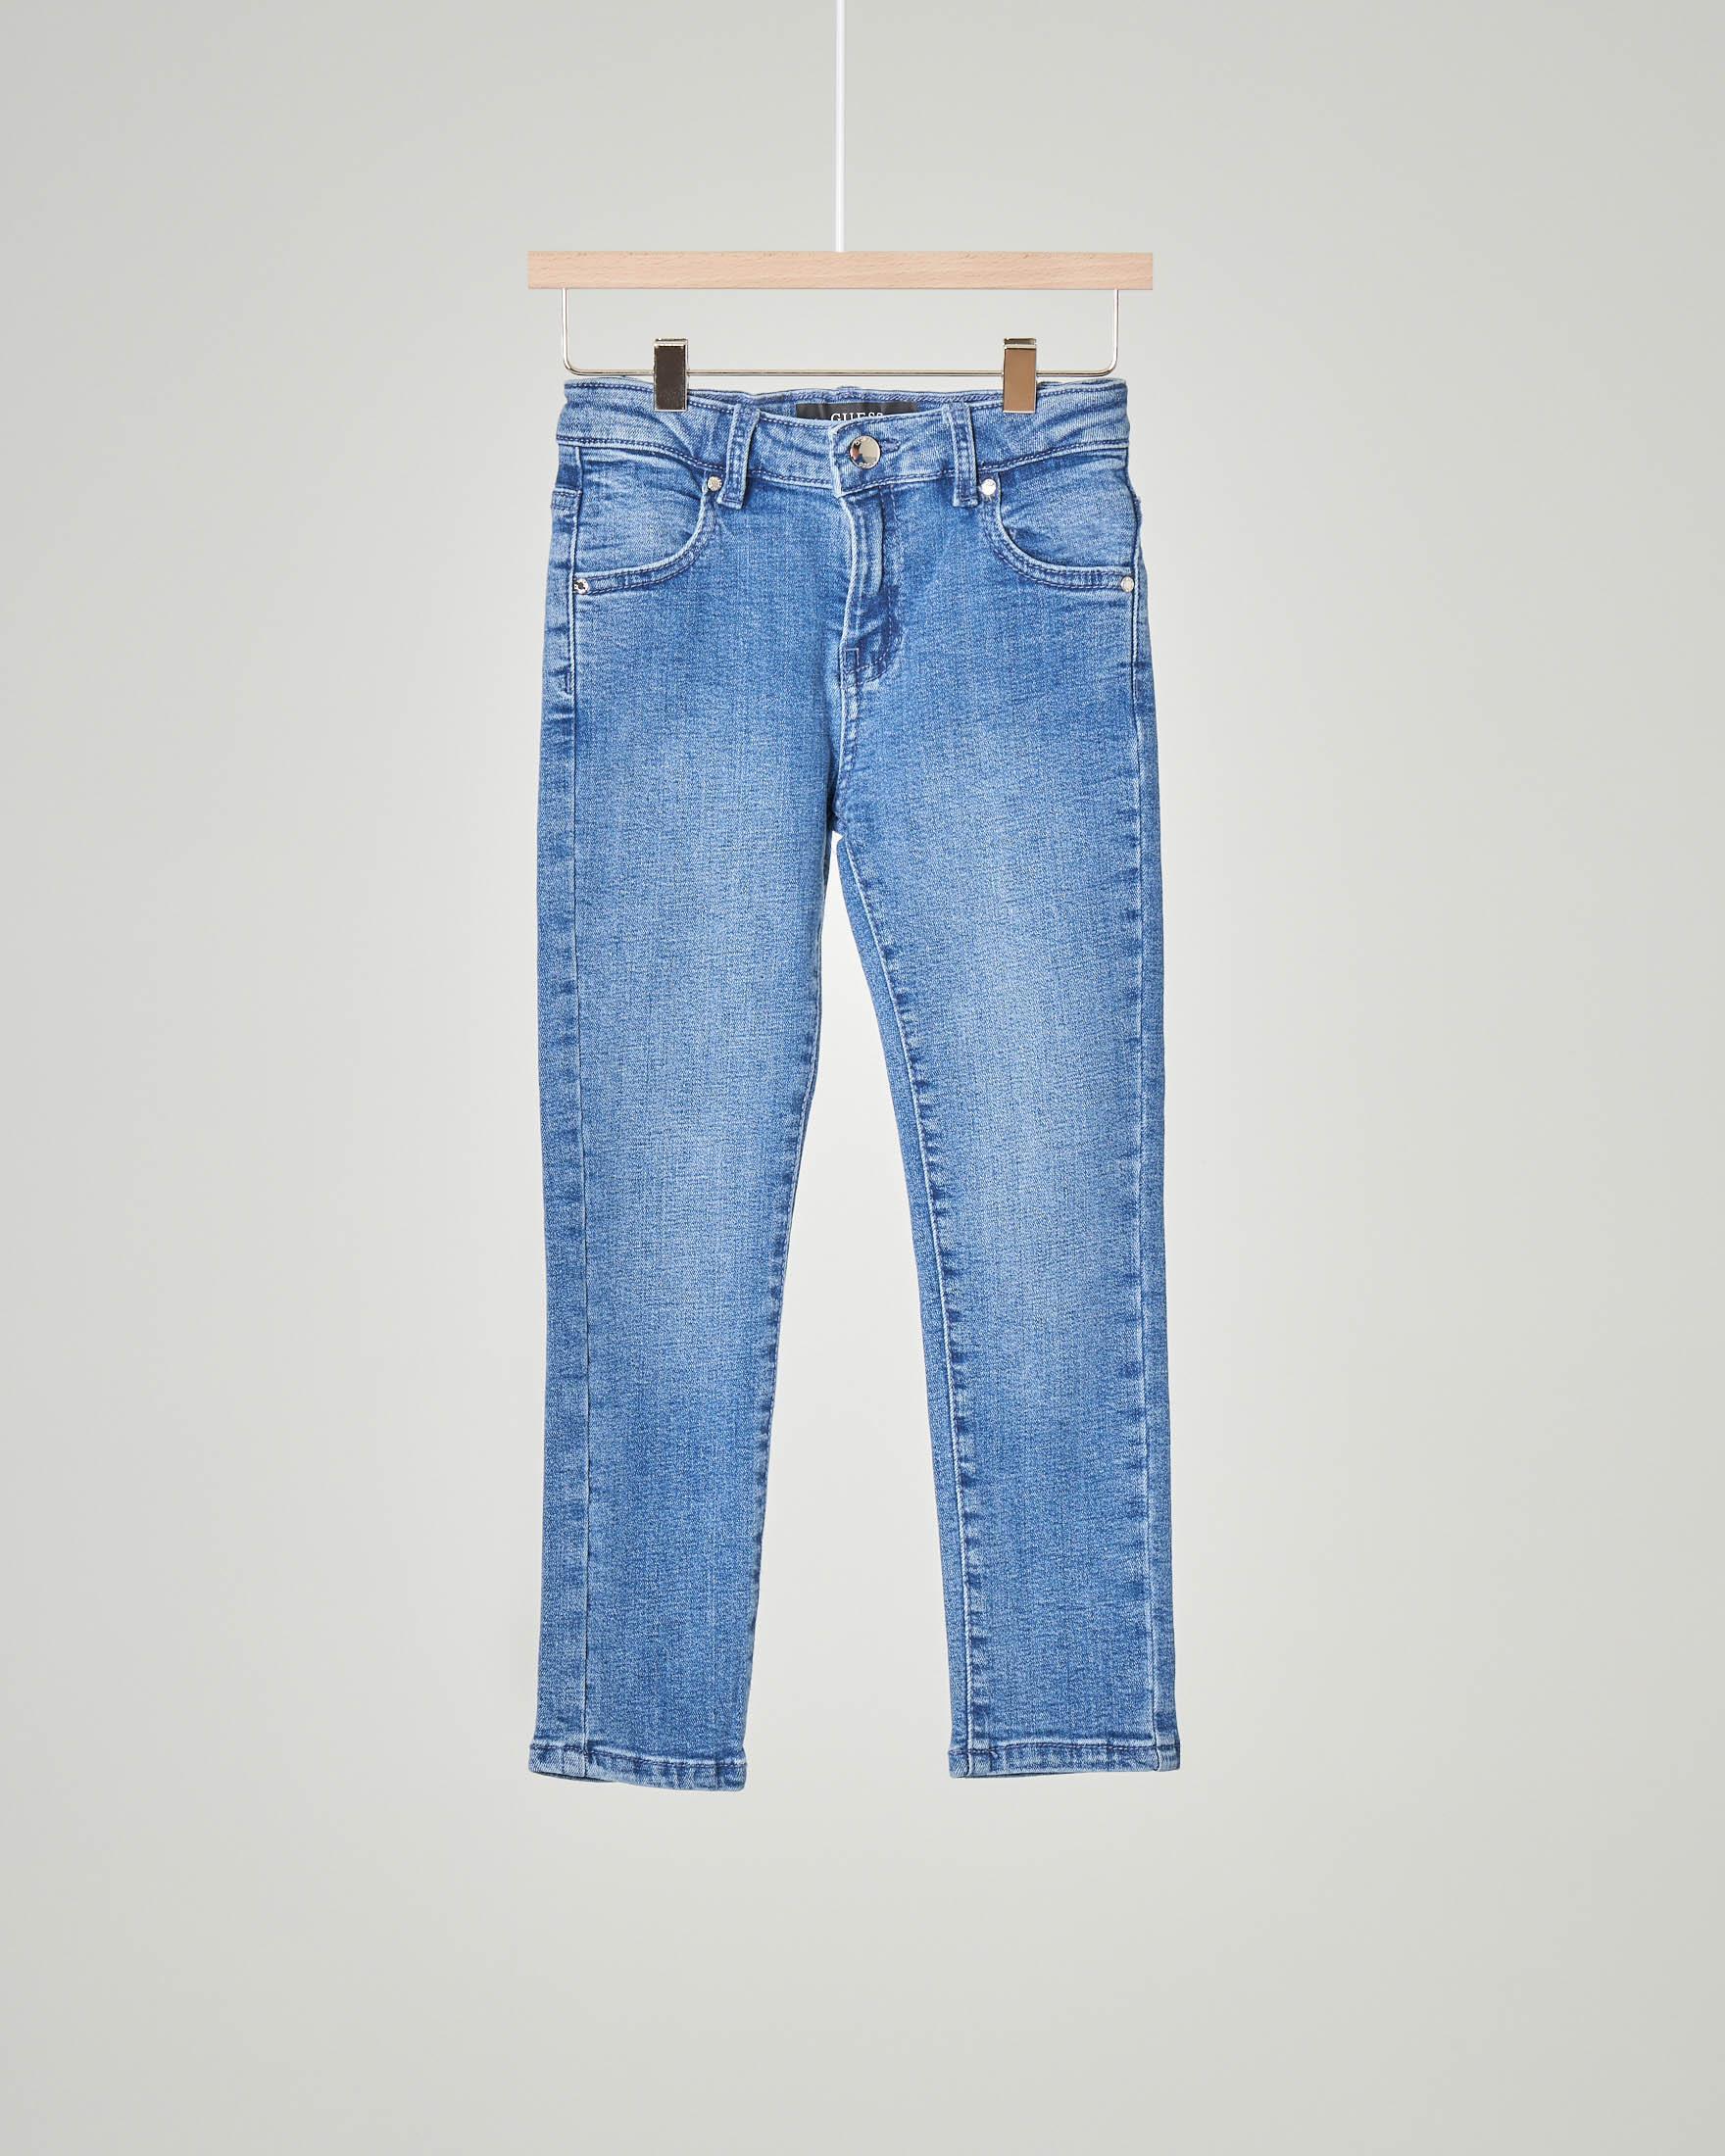 Jeans lavaggio chiaro in cotone elasticizzato 2-7 anni